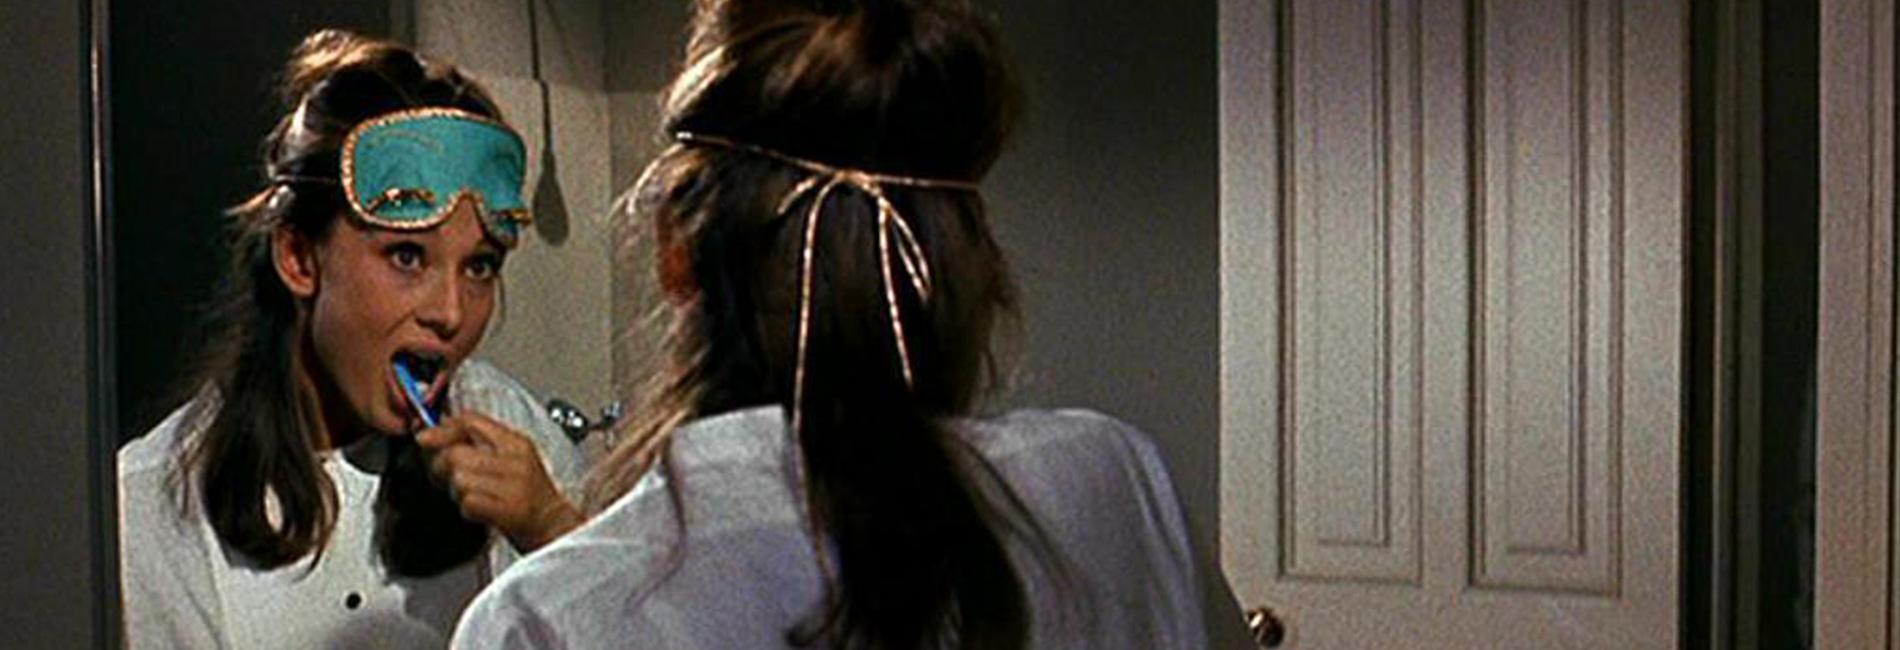 Las películas de los 60s que todo fashionista debe ver